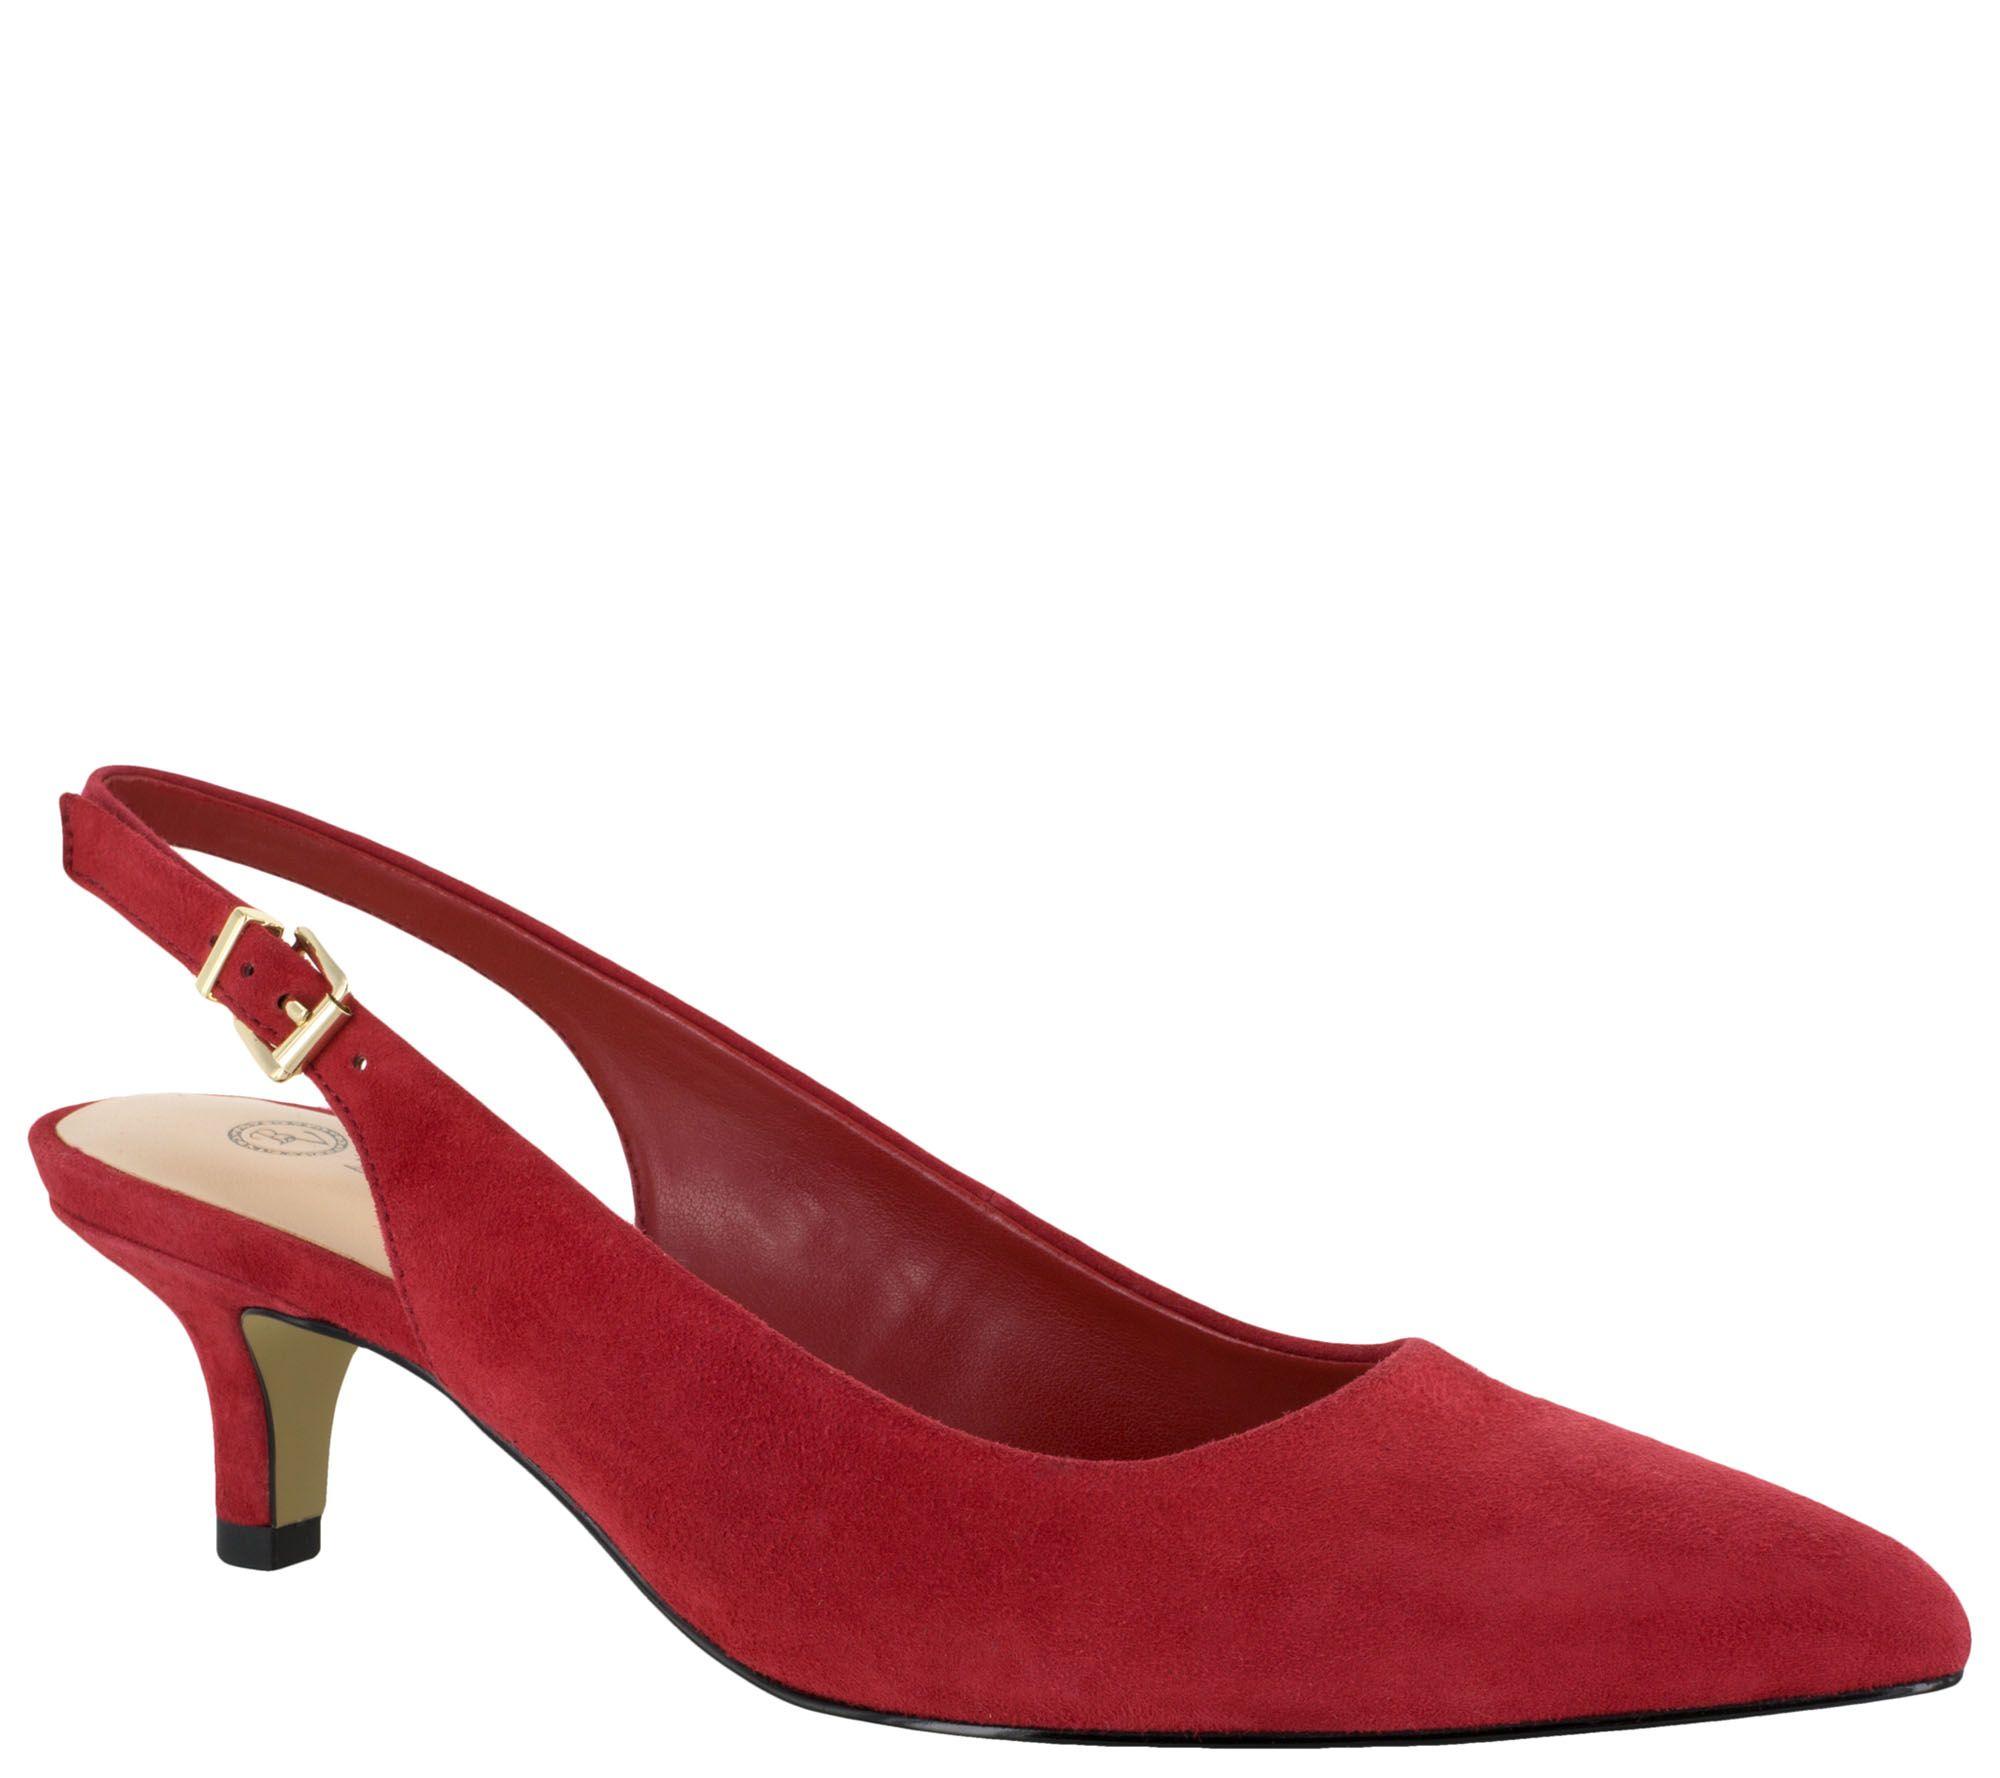 Red Kitten Heel Pumps